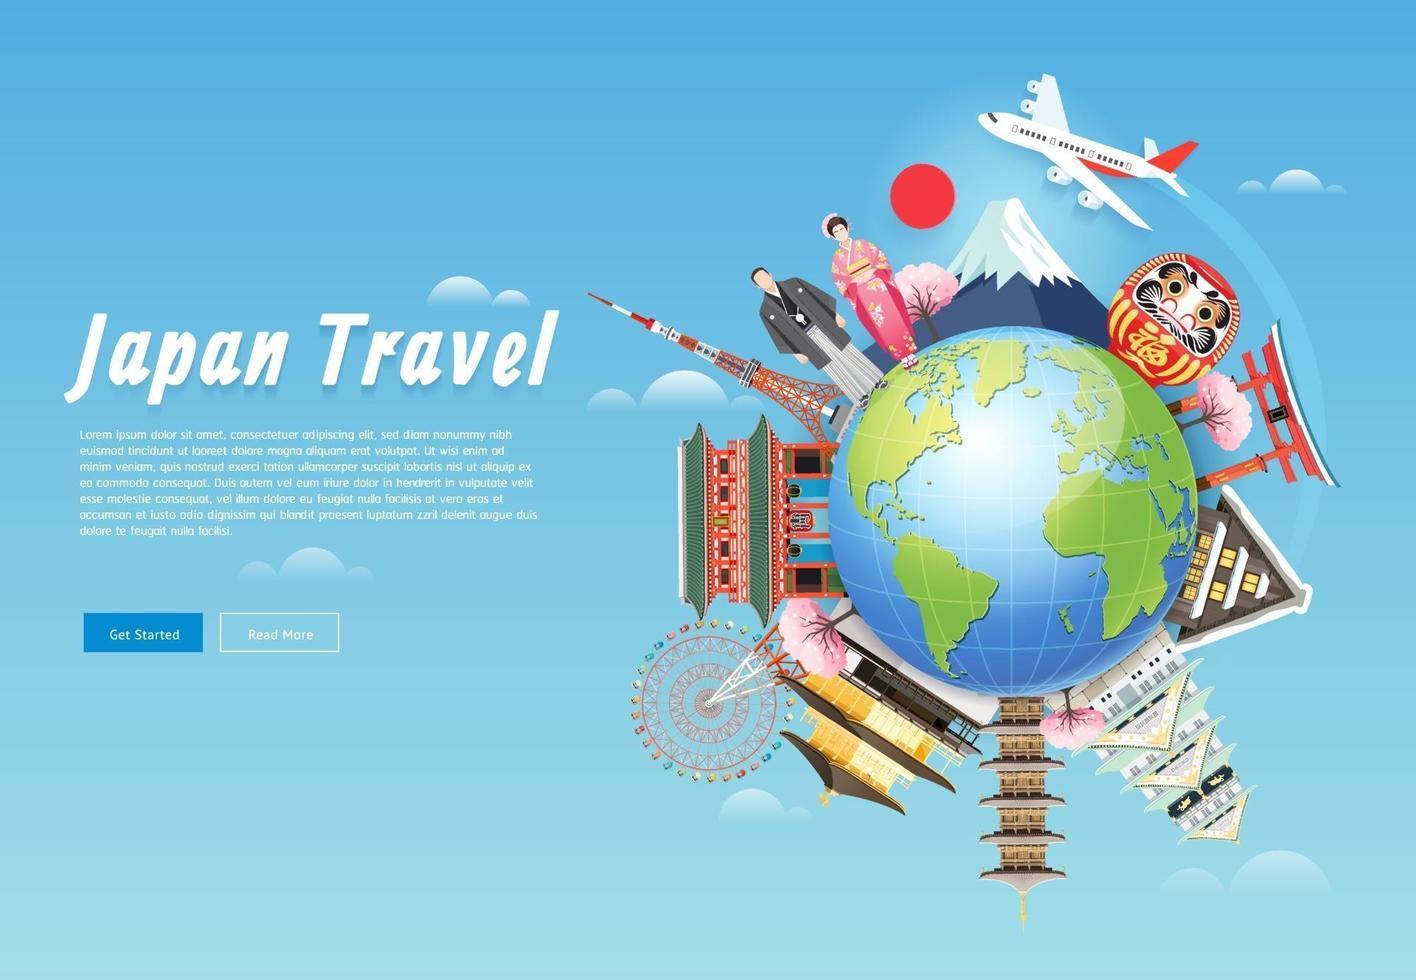 marcos famosos do japão em todo o mundo viajam fundo vetor